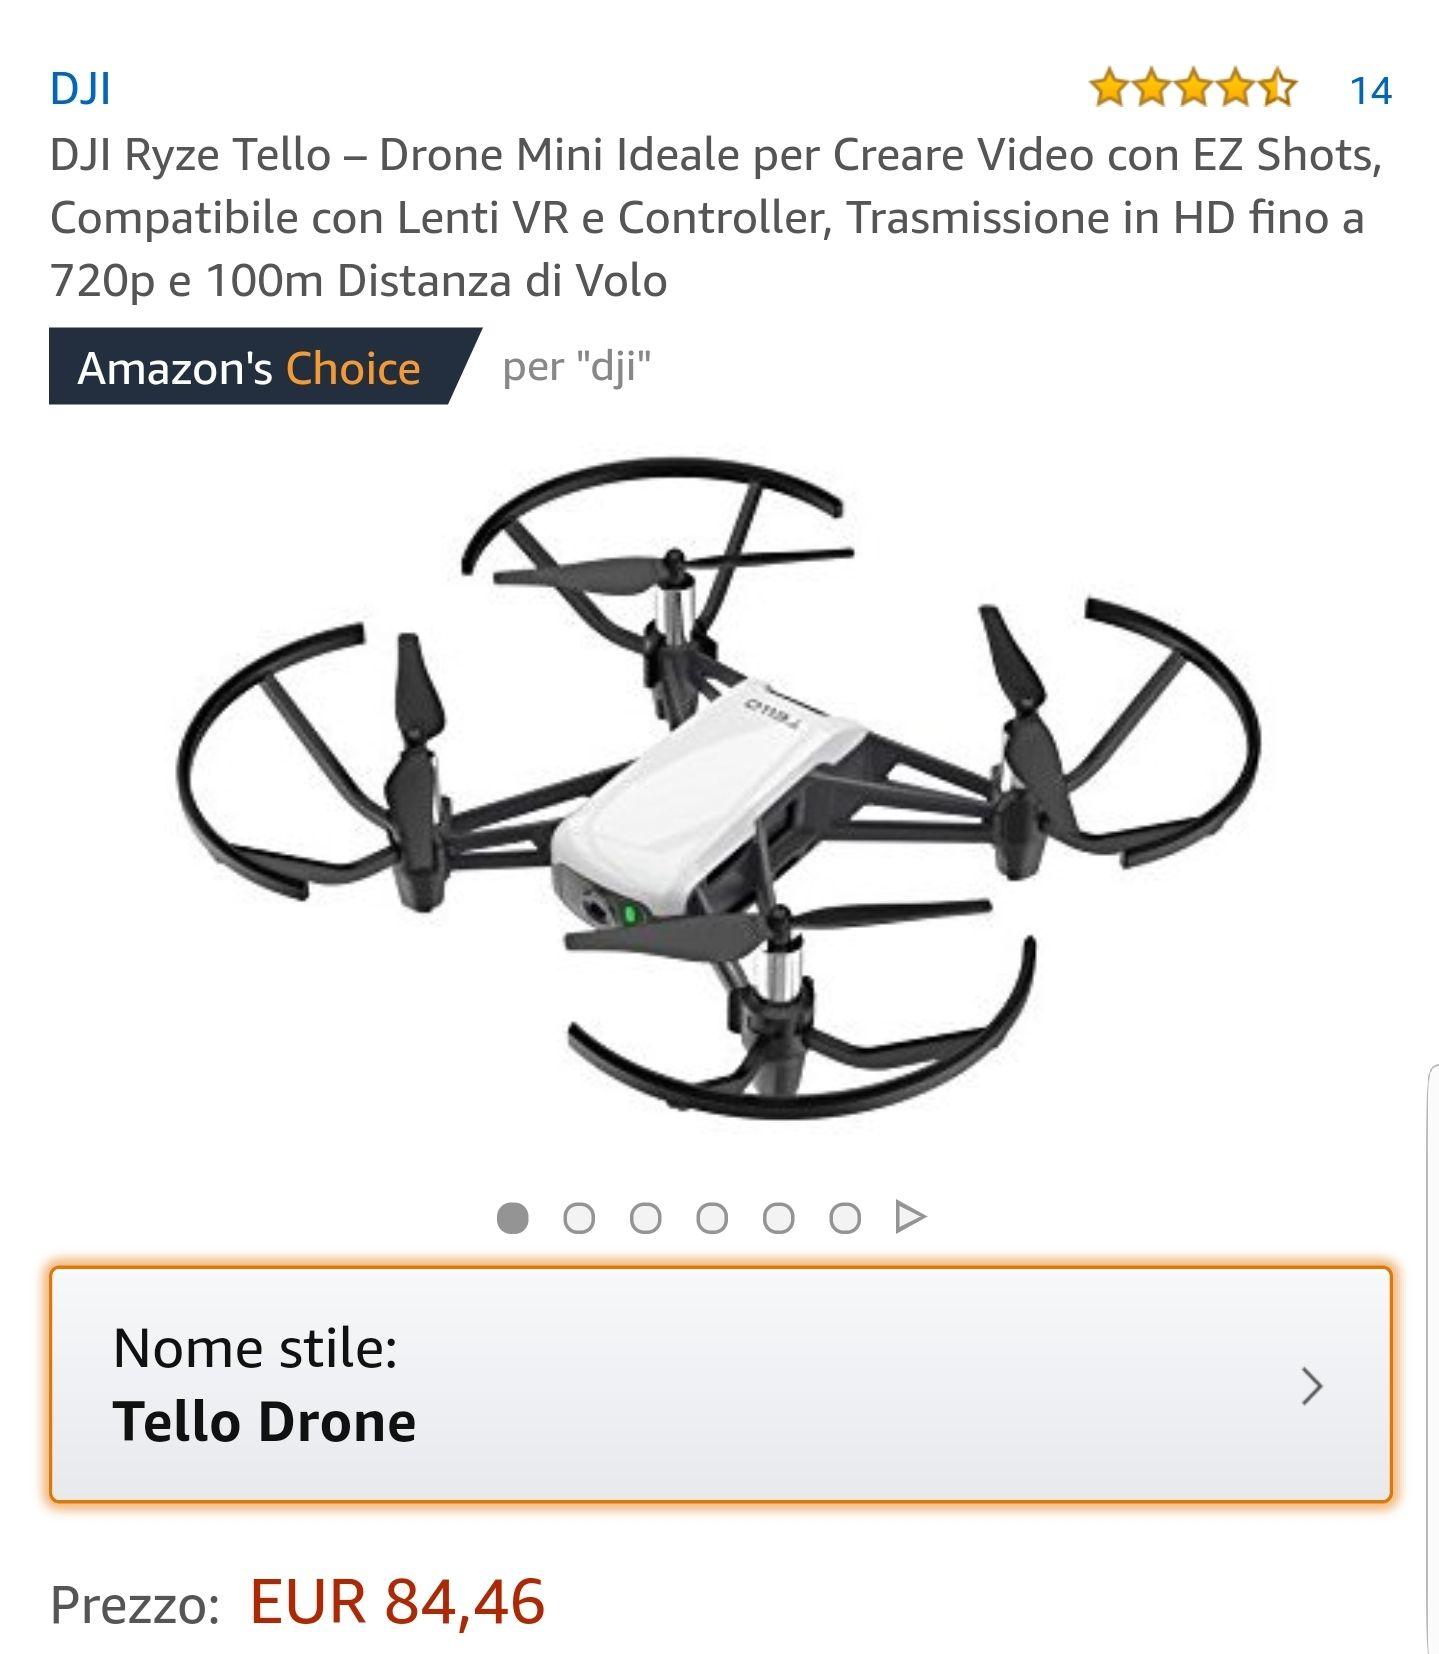 Ryze Tello, Dji Parts, Drohne, Amazon Italien, Akku 22 Euro